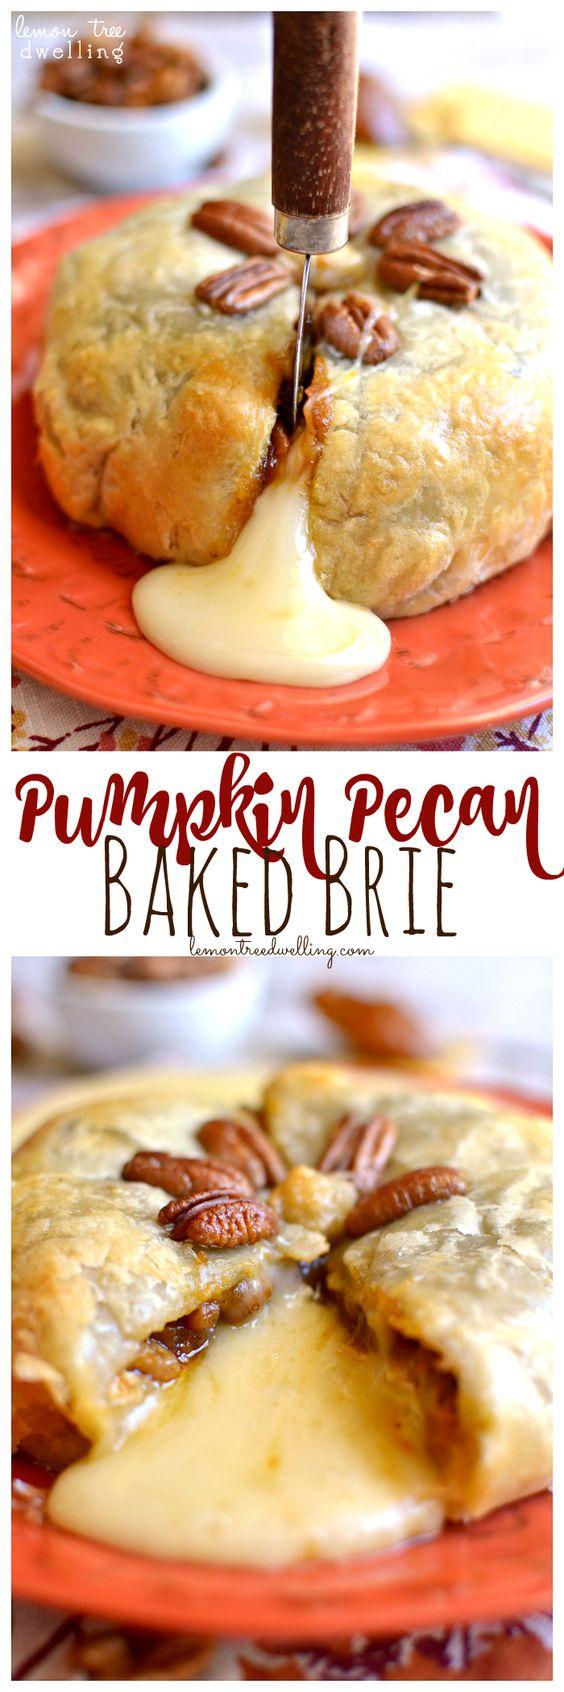 Pumpkin Pecan Baked Brie: